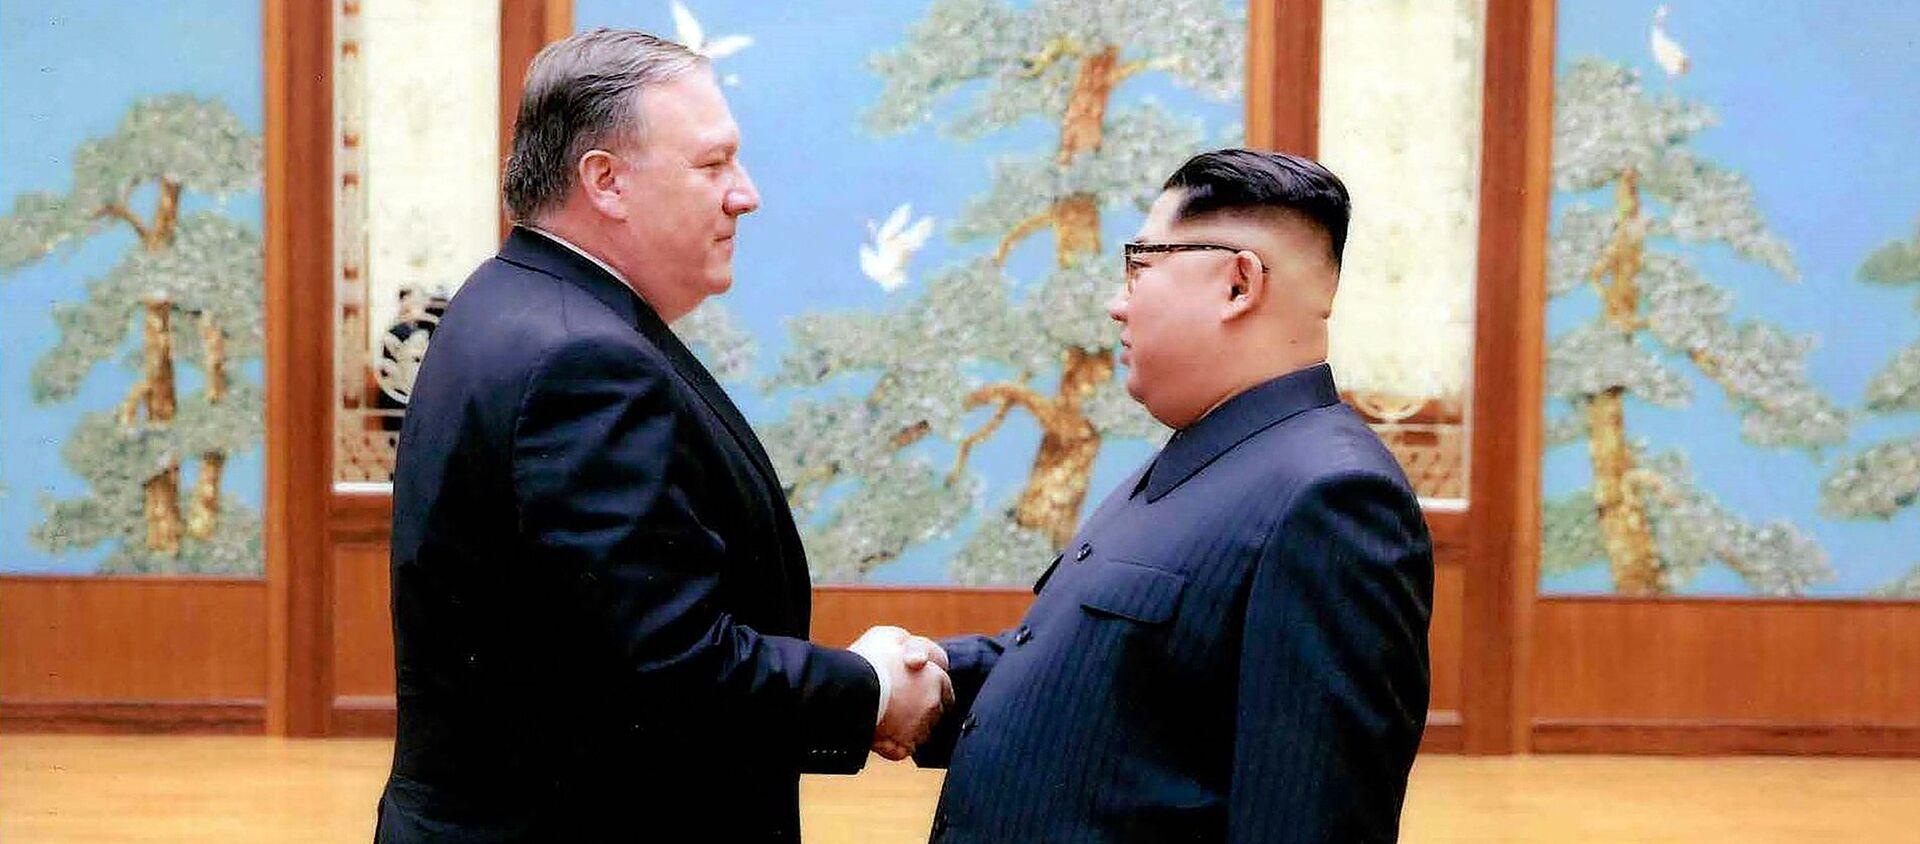 Mike Pompeo, secretario de Estado de EEUU, y Kim Jong-un, líder norcoreano - Sputnik Mundo, 1920, 18.07.2020